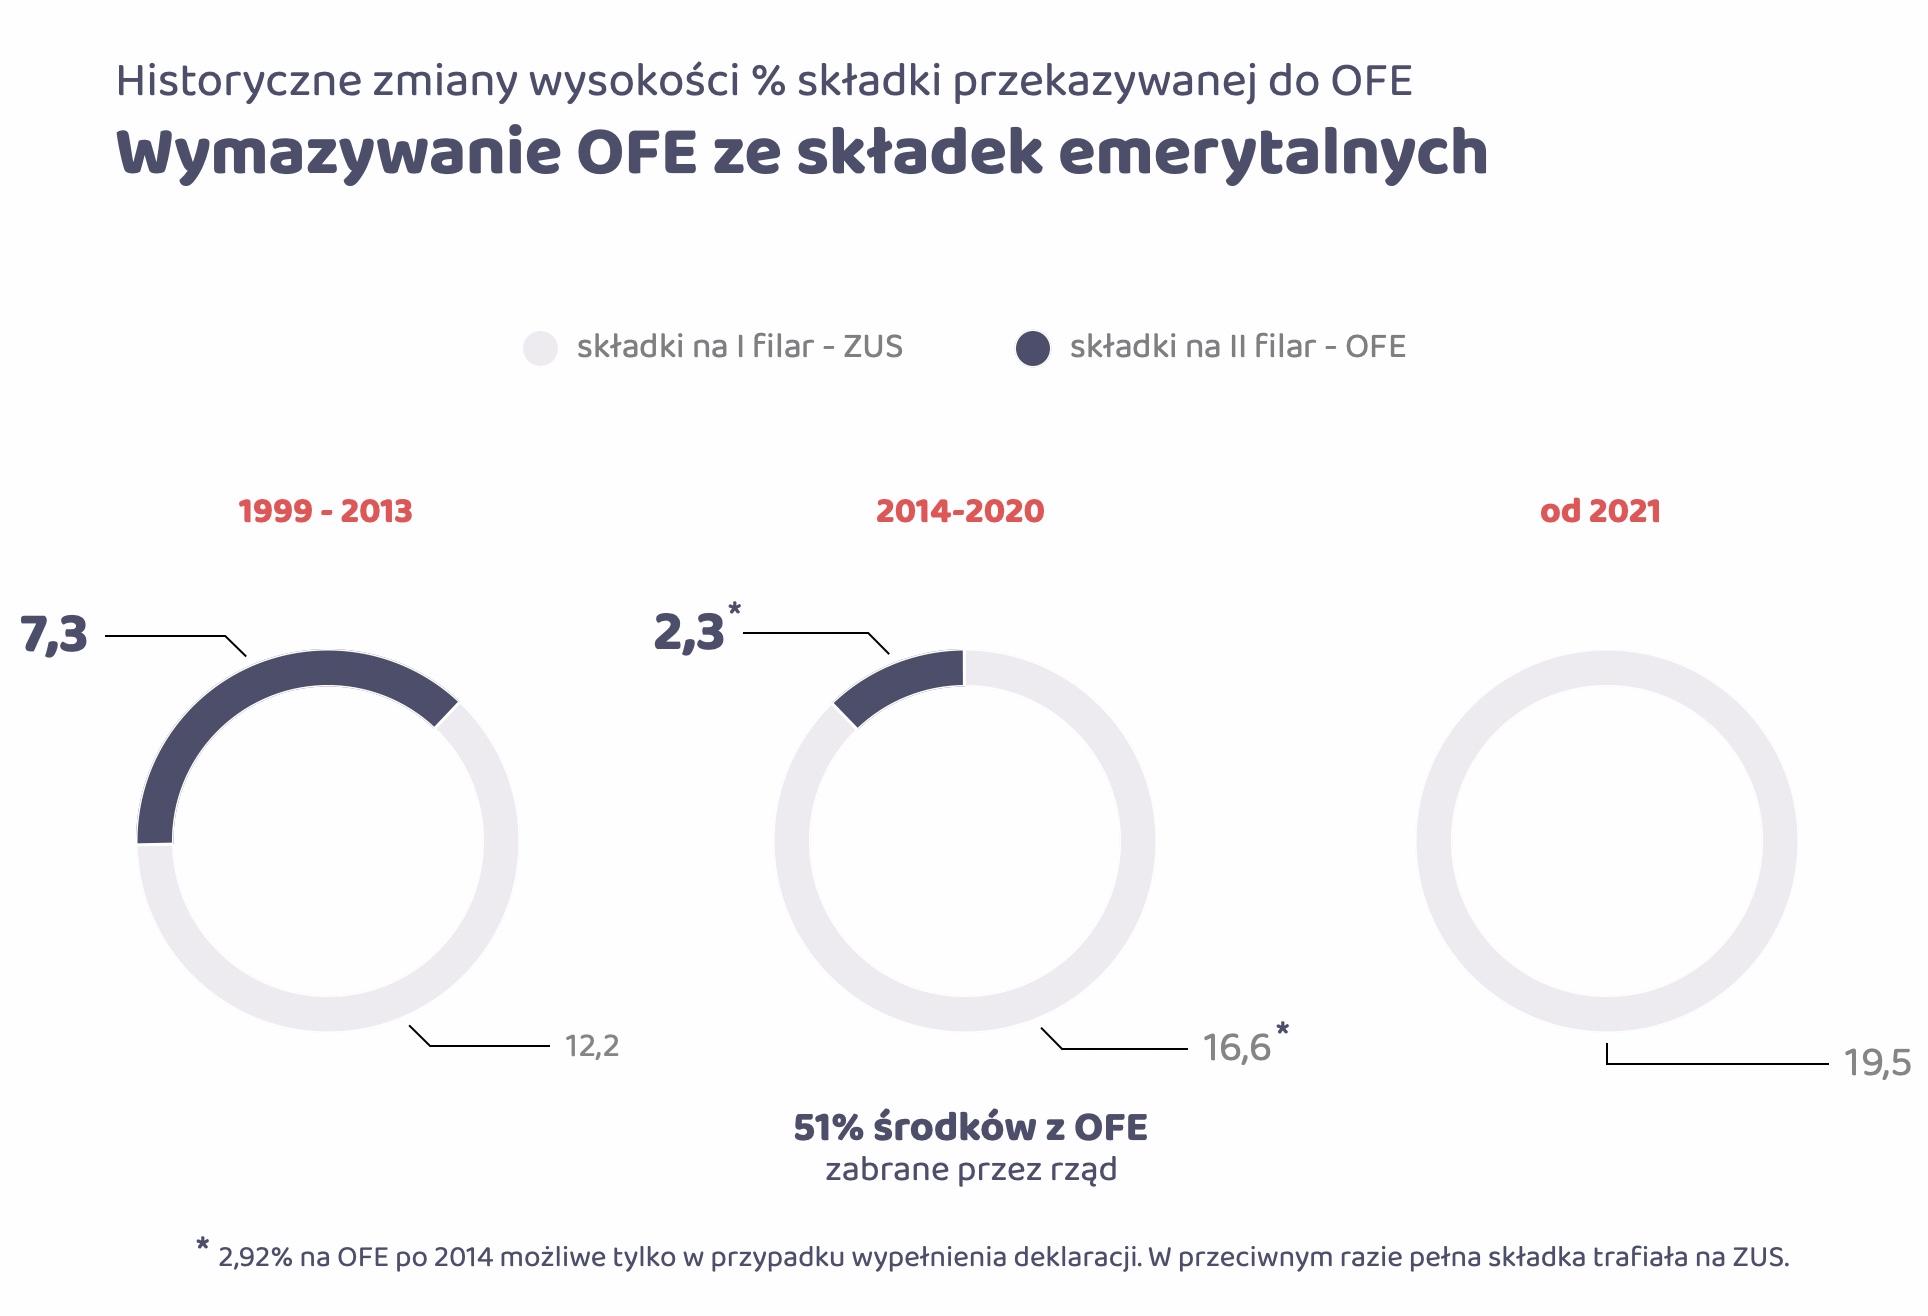 Zmiany składek na OFE w latach 1999-2021